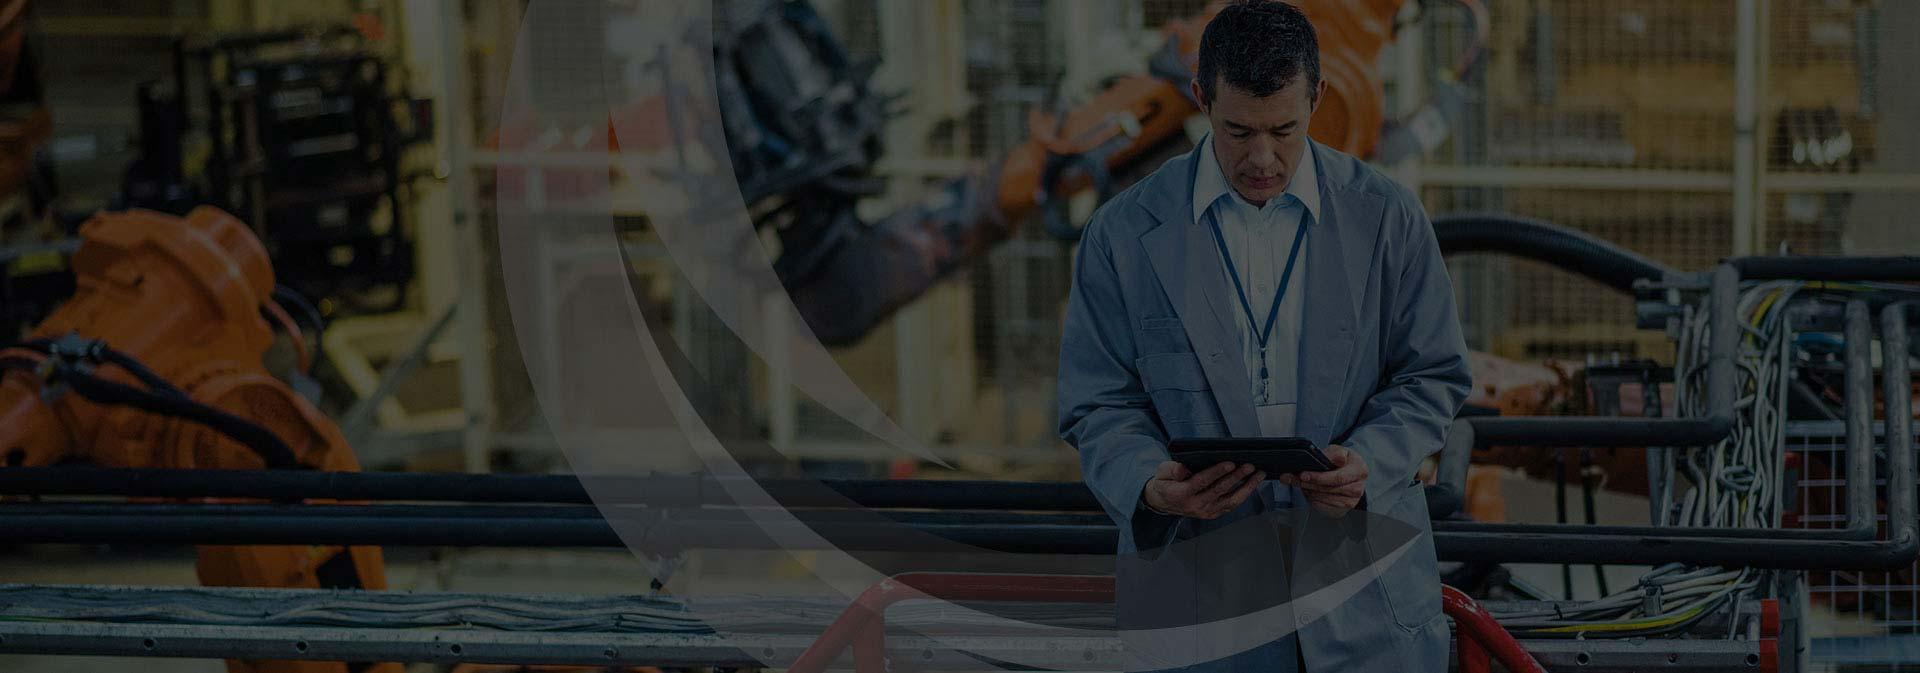 Informační systém Infor CloudSuite Industrial (SyteLine) ERP